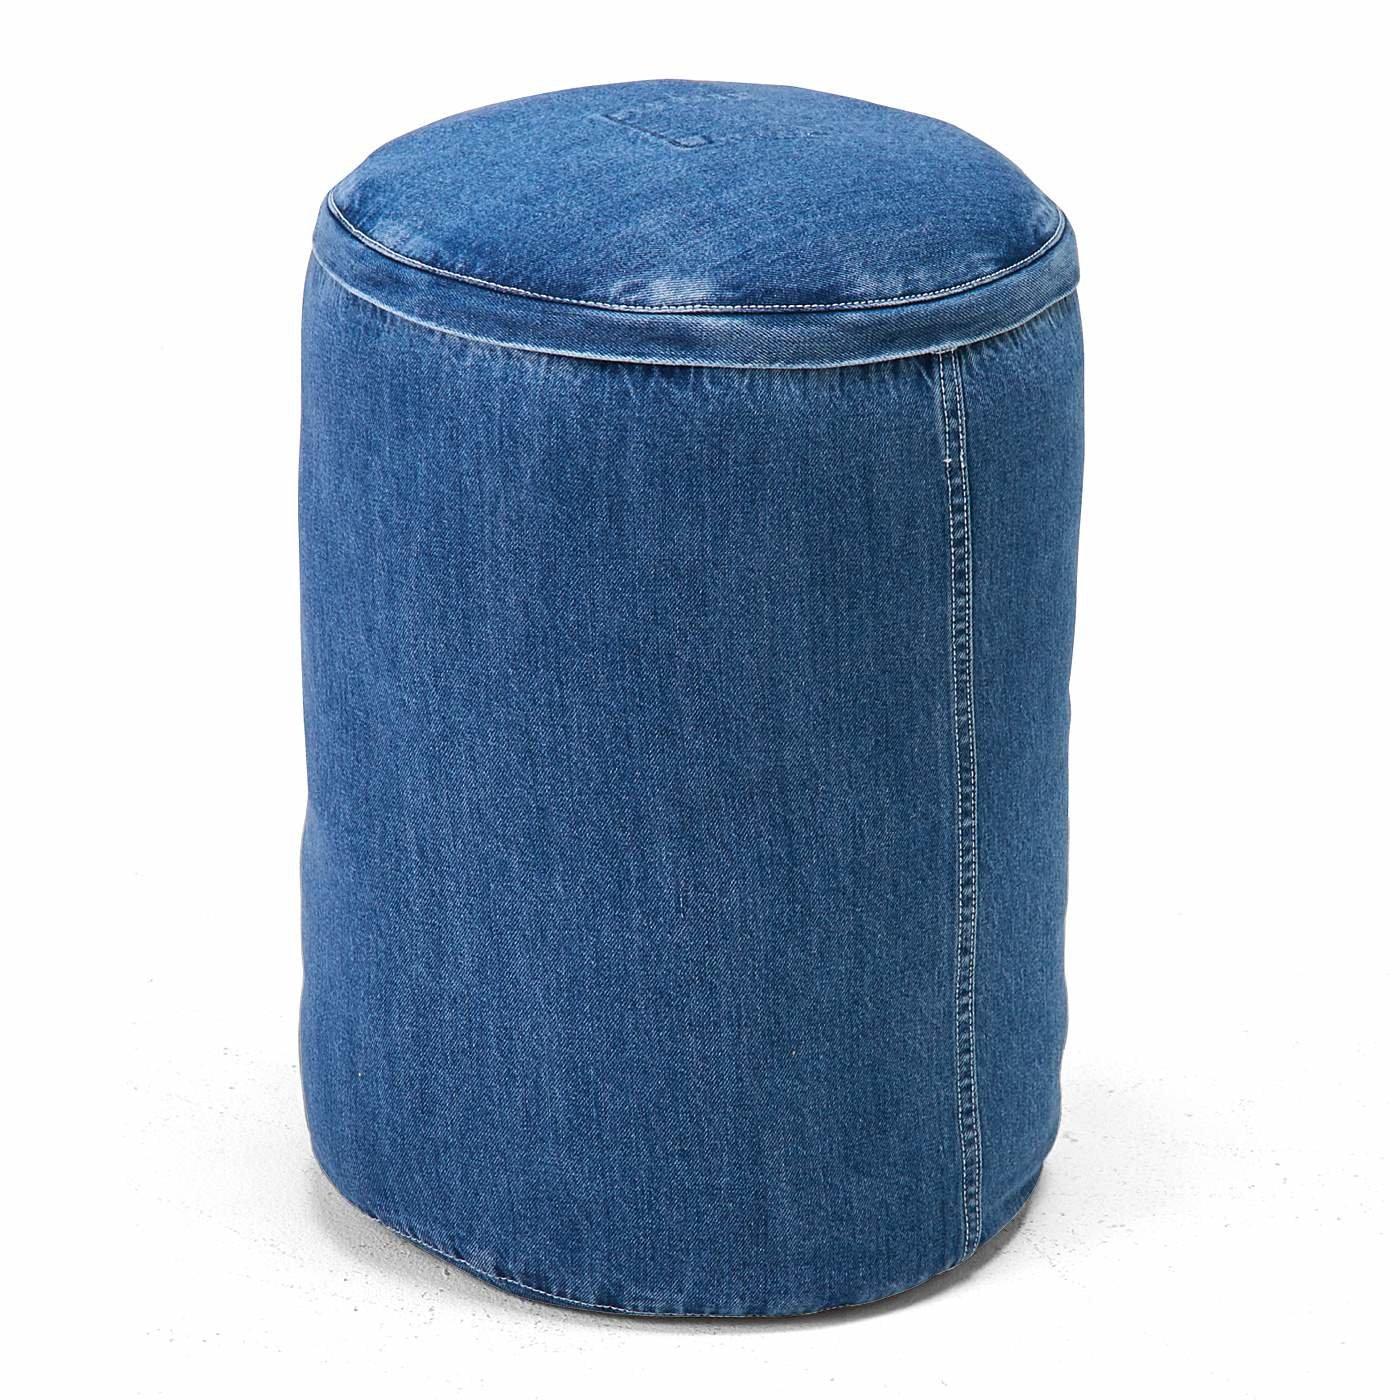 古着屋さんで見つけたような布団収納 デニムボルスタークッションカバーの会